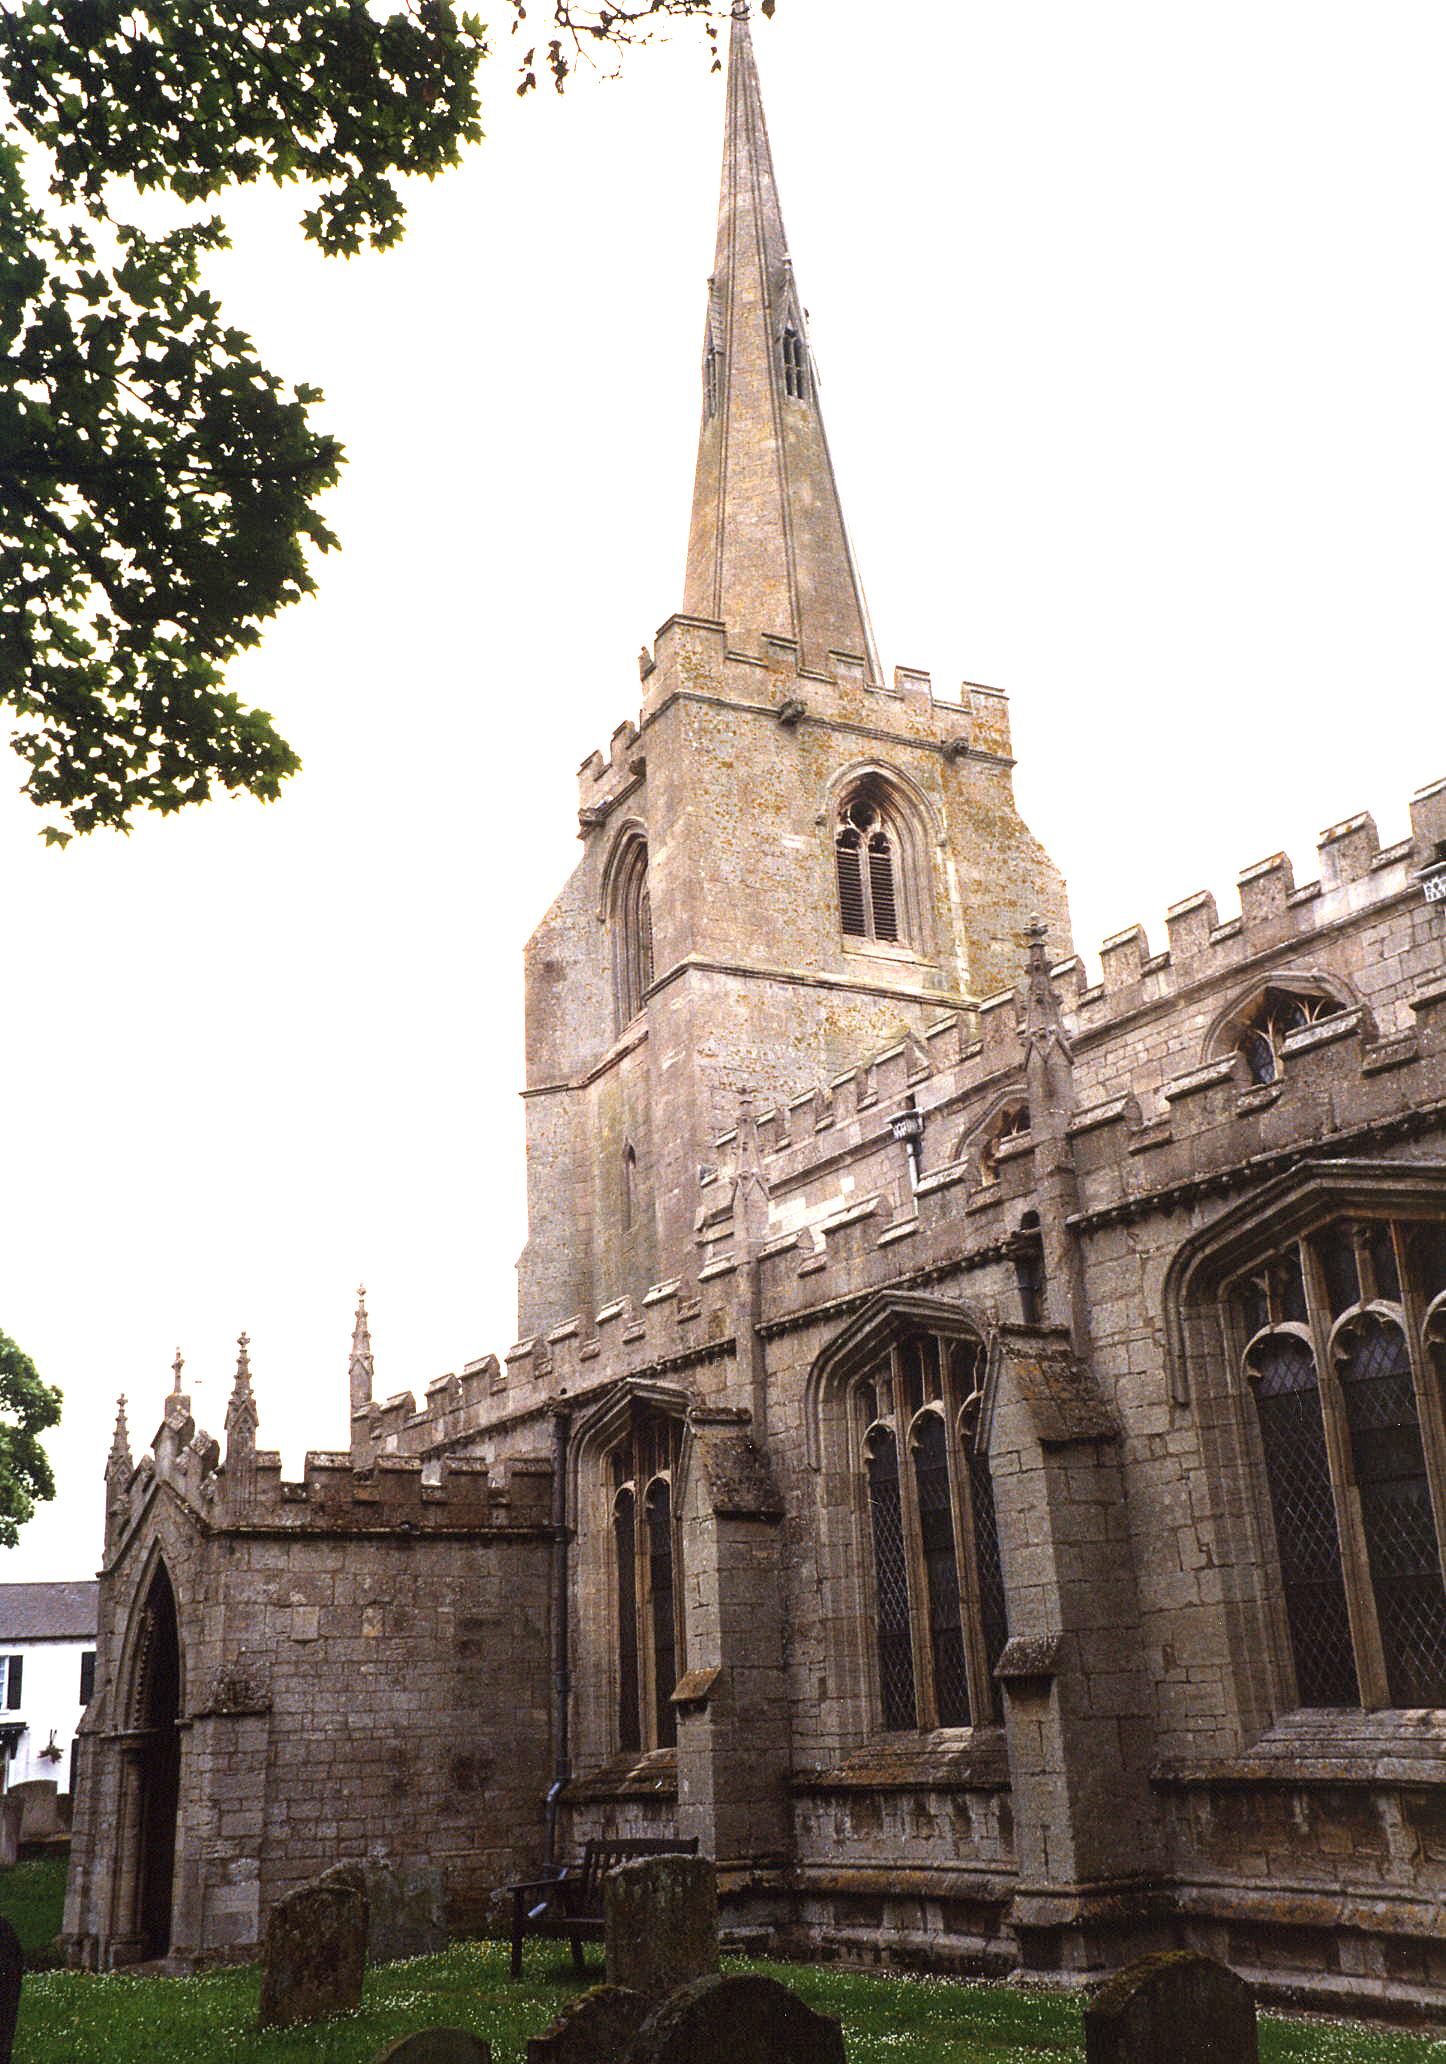 Saint Laurance's Church